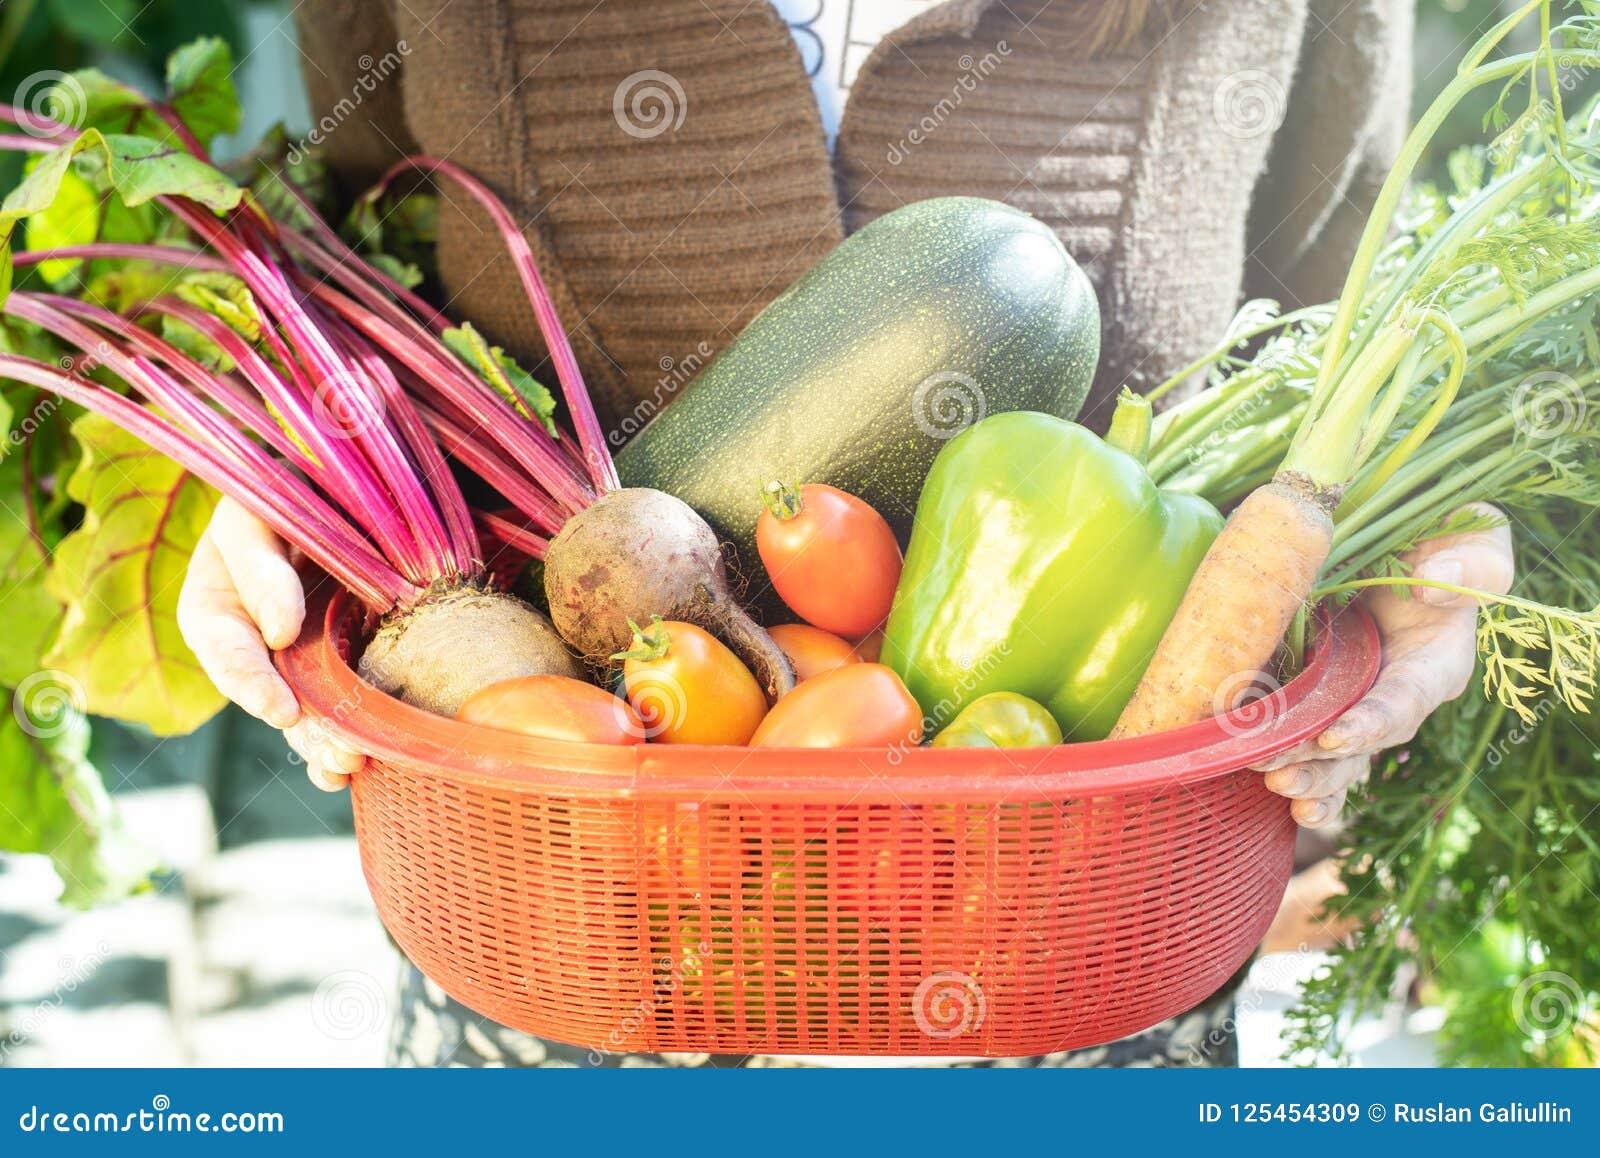 Η γυναίκα κρατά υπό εξέταση ένα κόκκινο κιβώτιο με τα λαχανικά σε έναν κήπο κουζινών